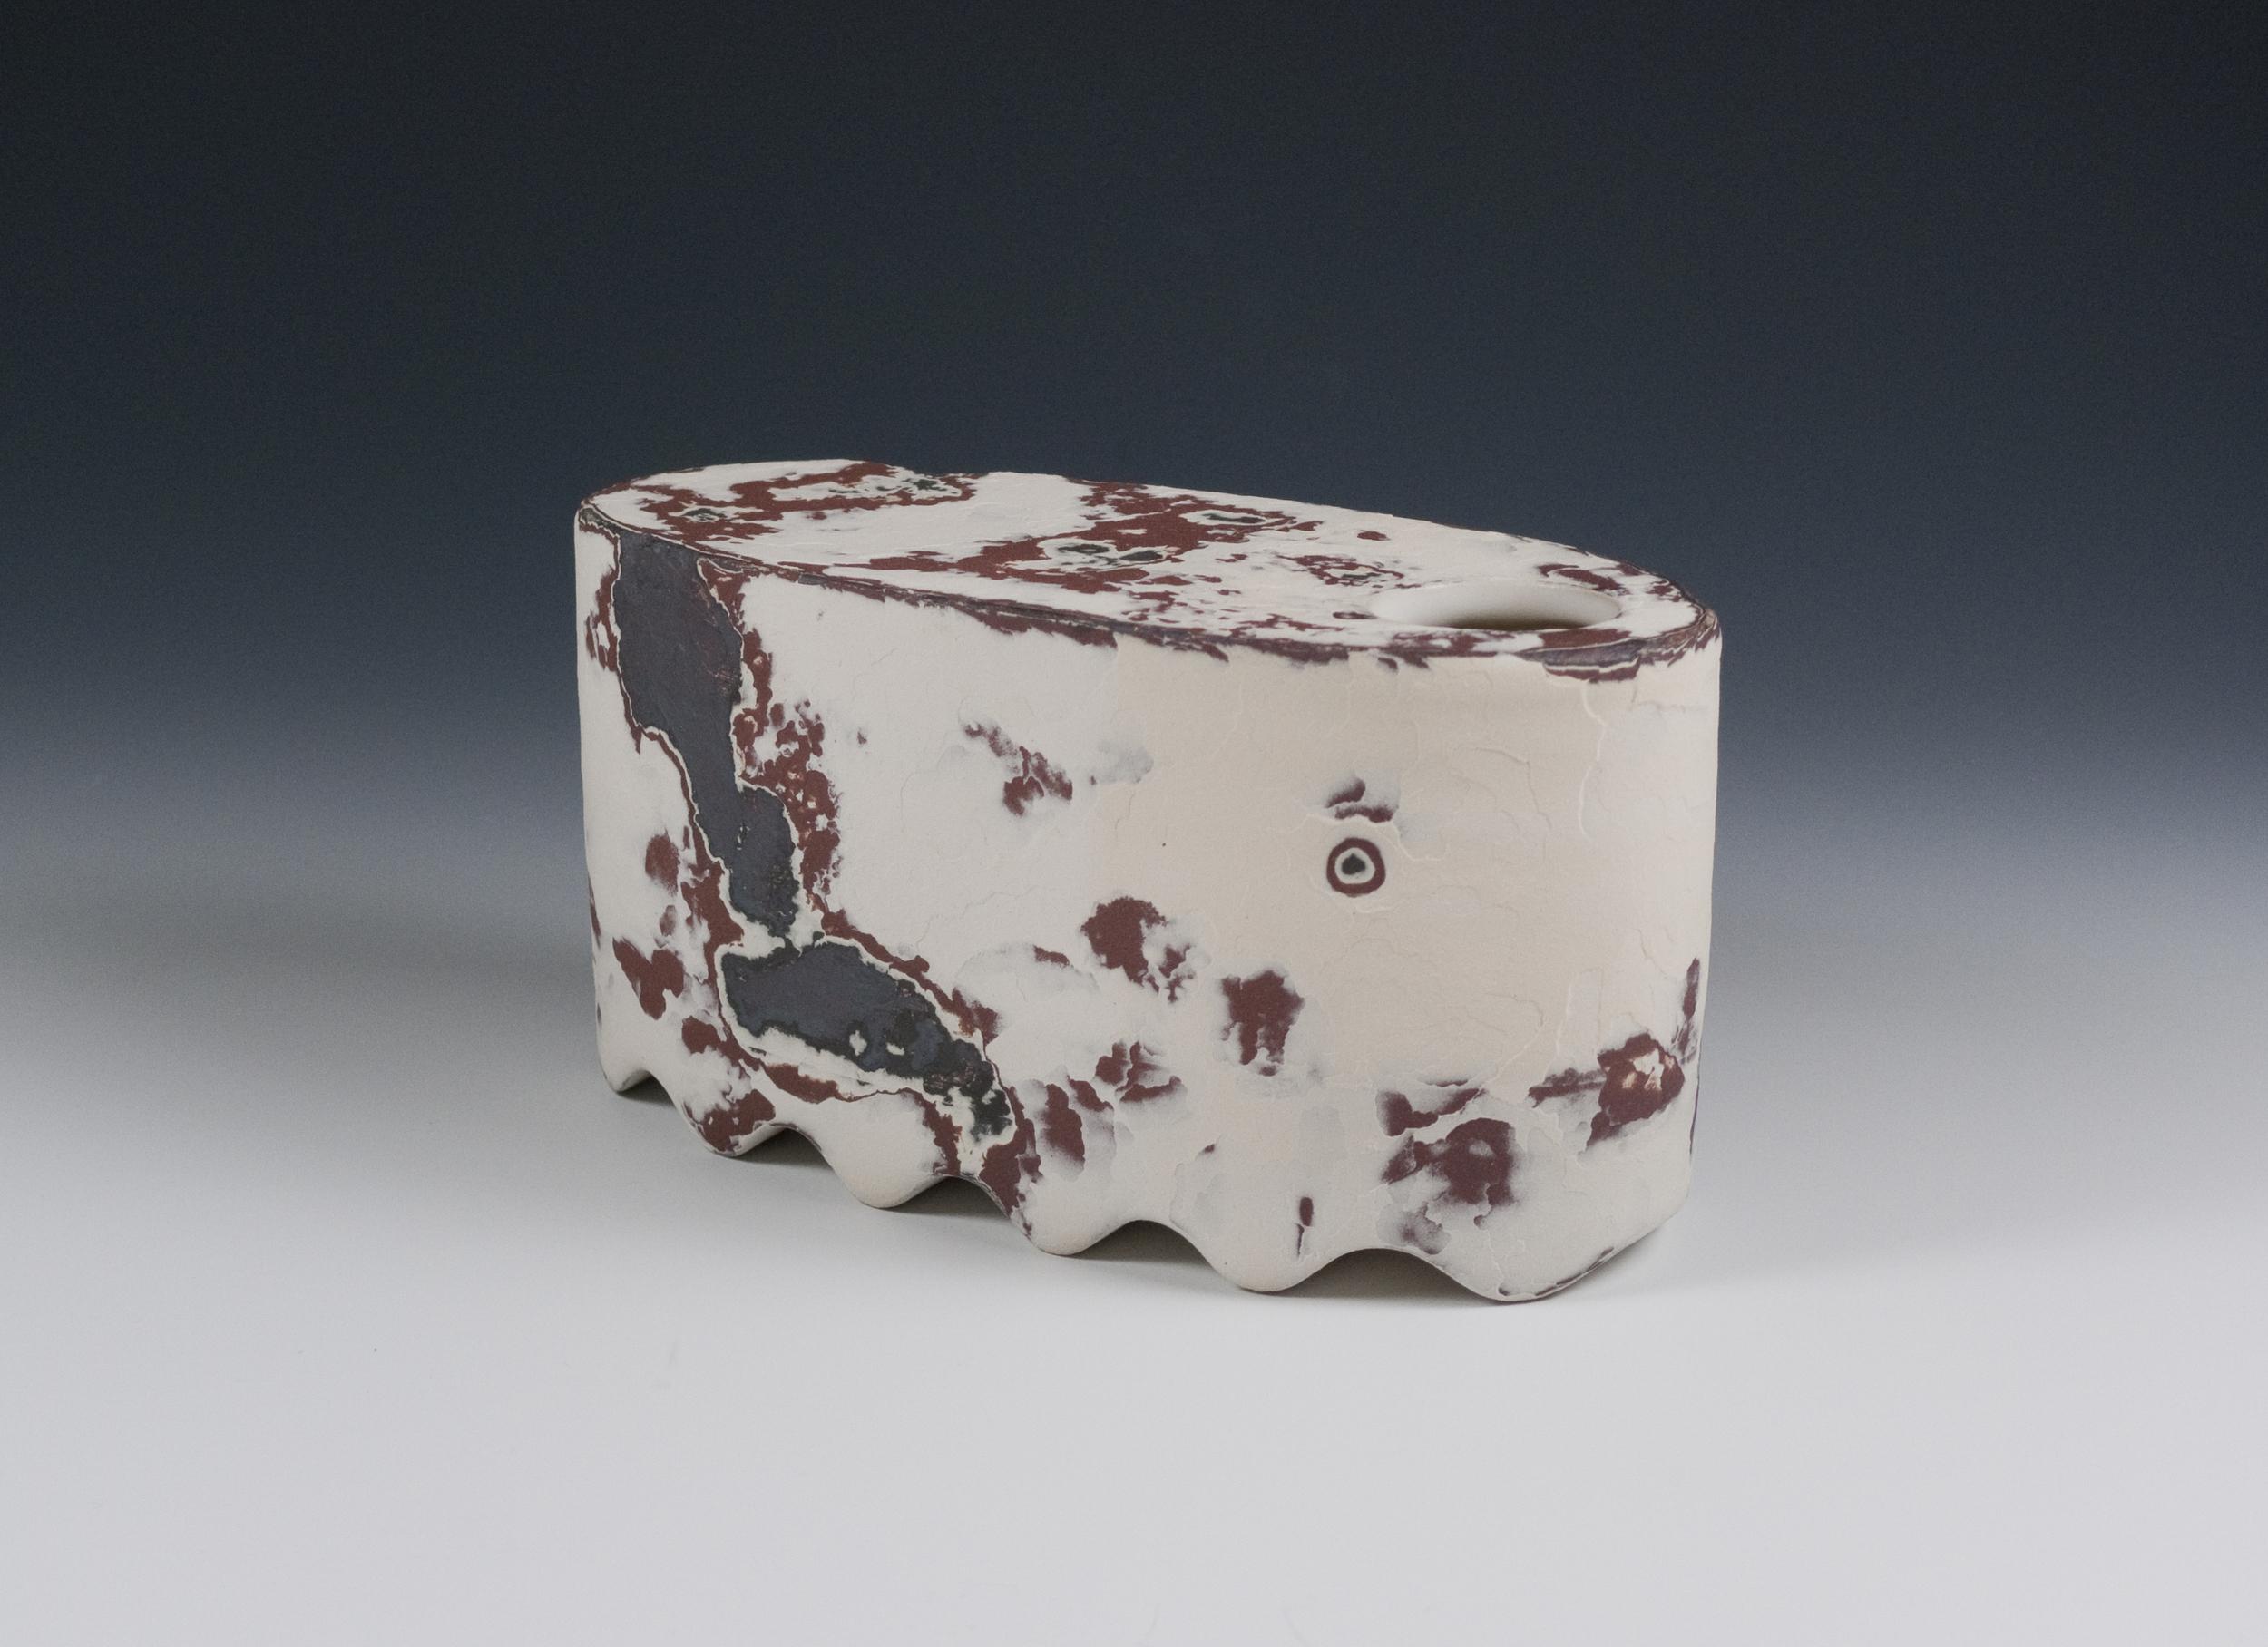 boiler vase - white - standard size (1).jpg